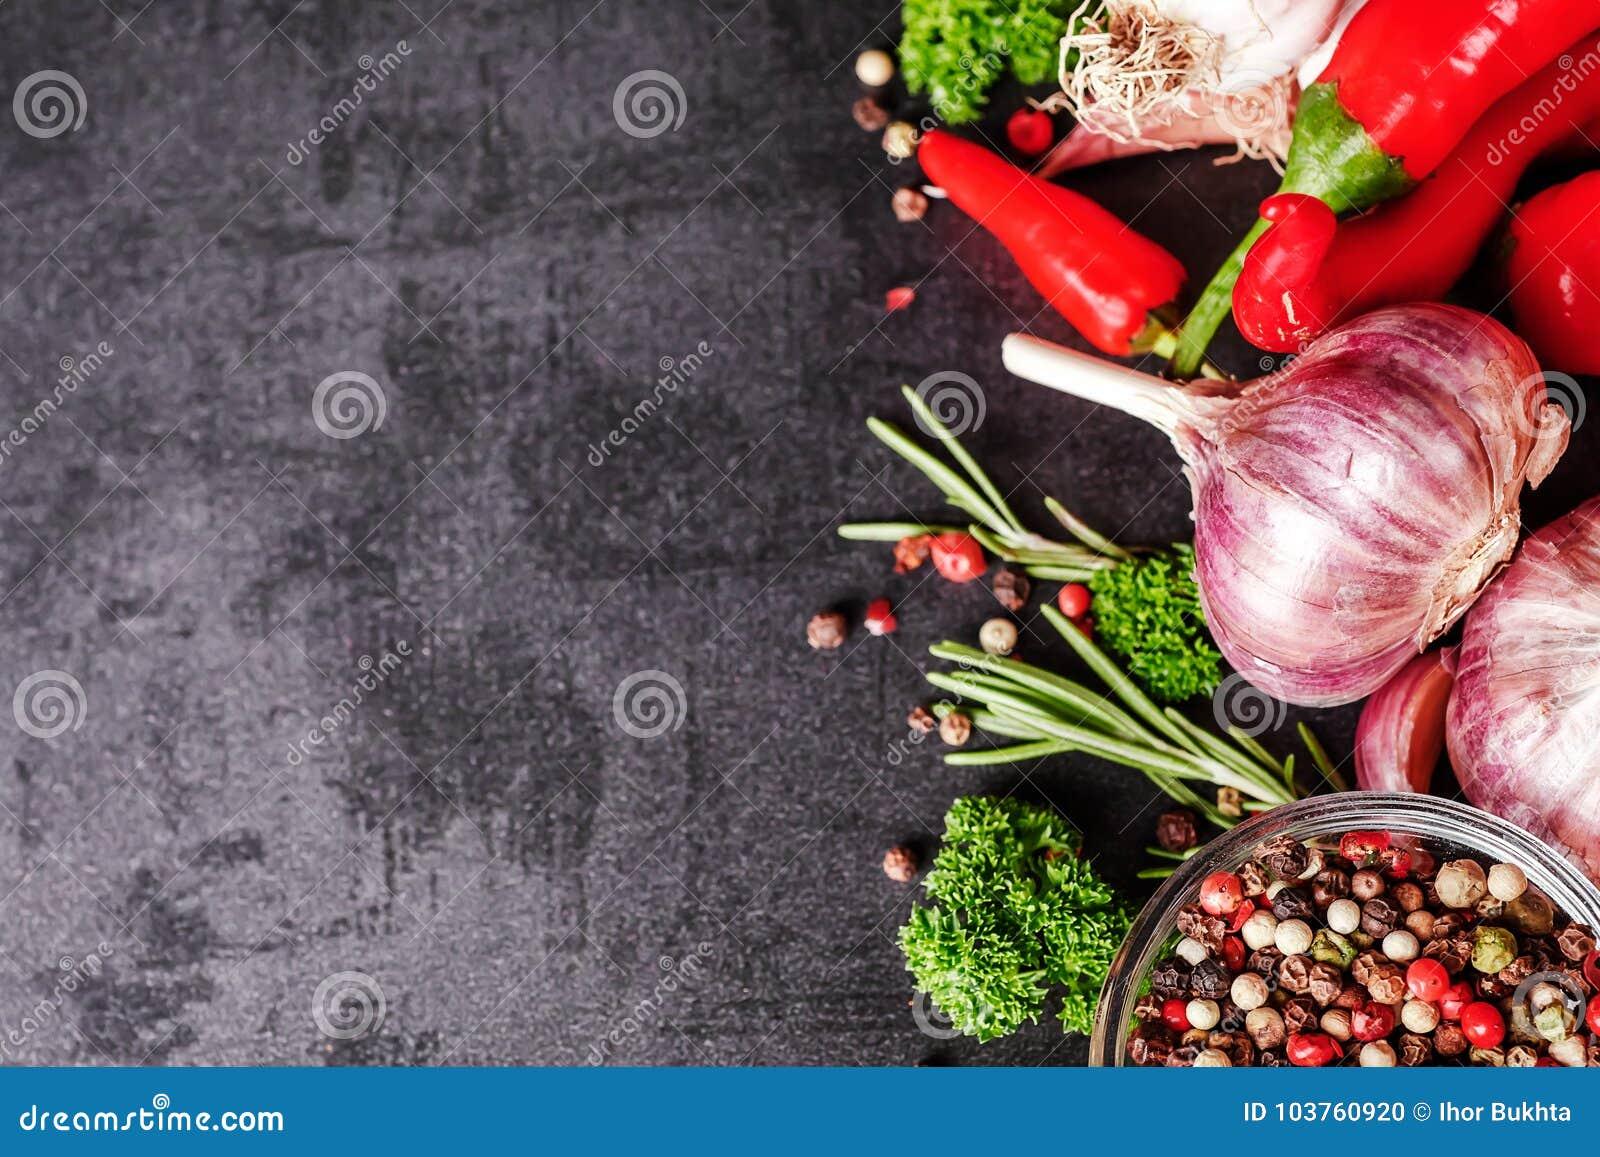 Selectie van kruidenkruiden en greens Ingrediënten voor het koken Voedselachtergrond op zwarte leilijst